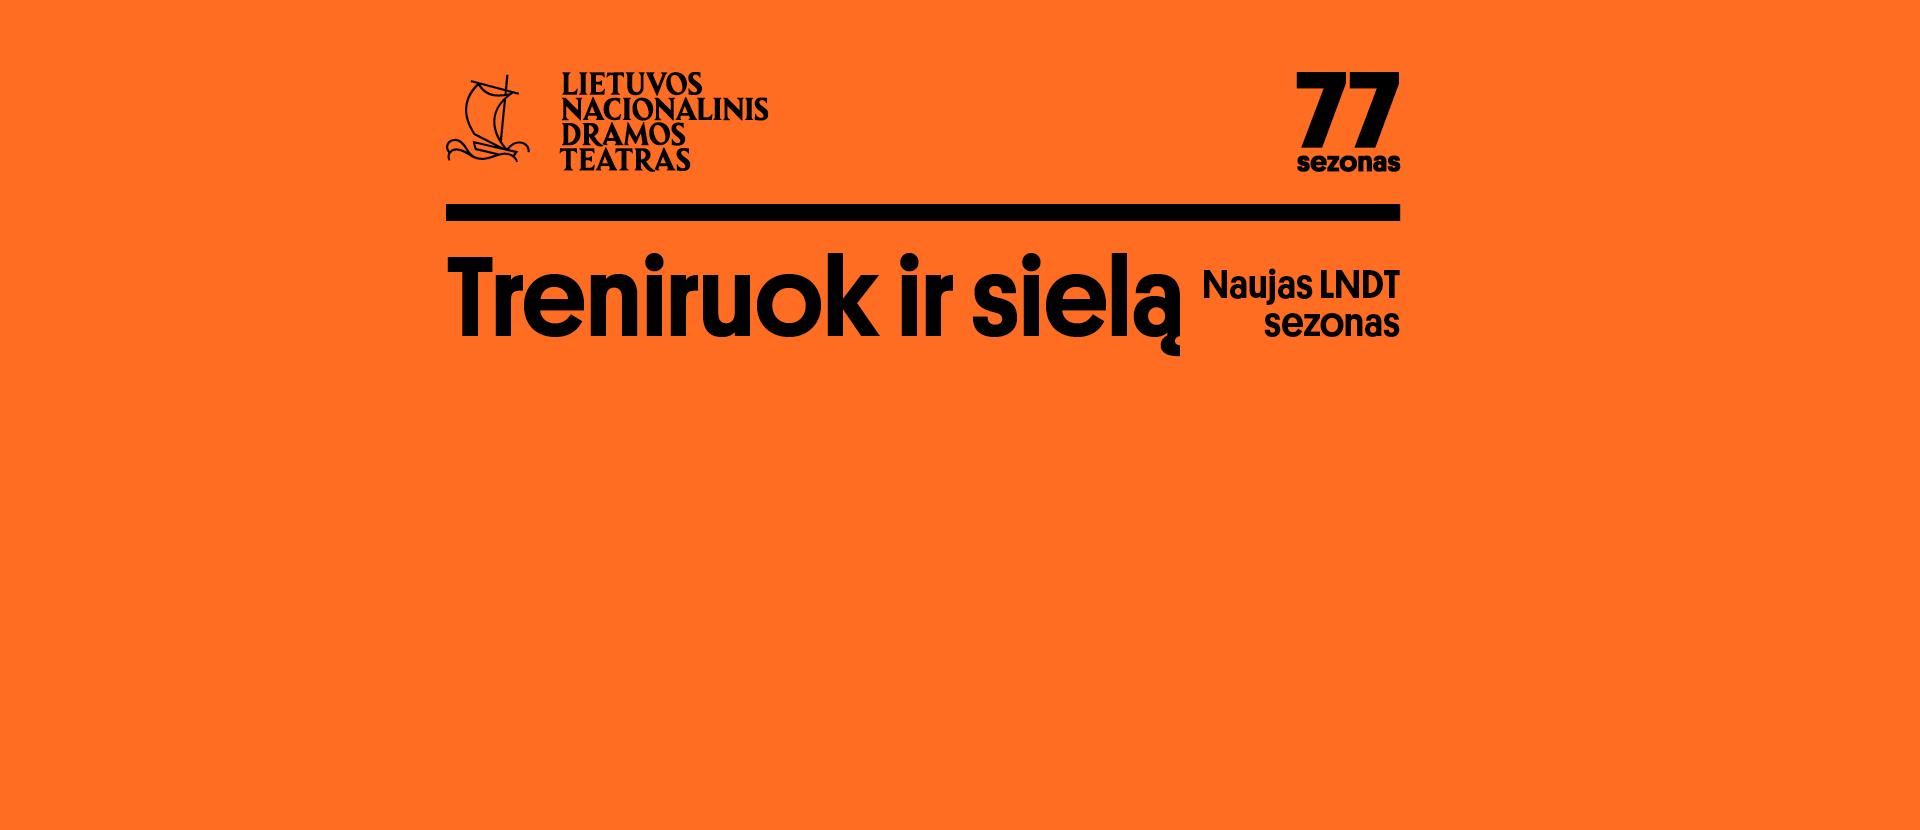 """Ingrid Lausund  """"BESTUBURIADA"""", rež. Giedrė KRIAUČIONYTĖ"""